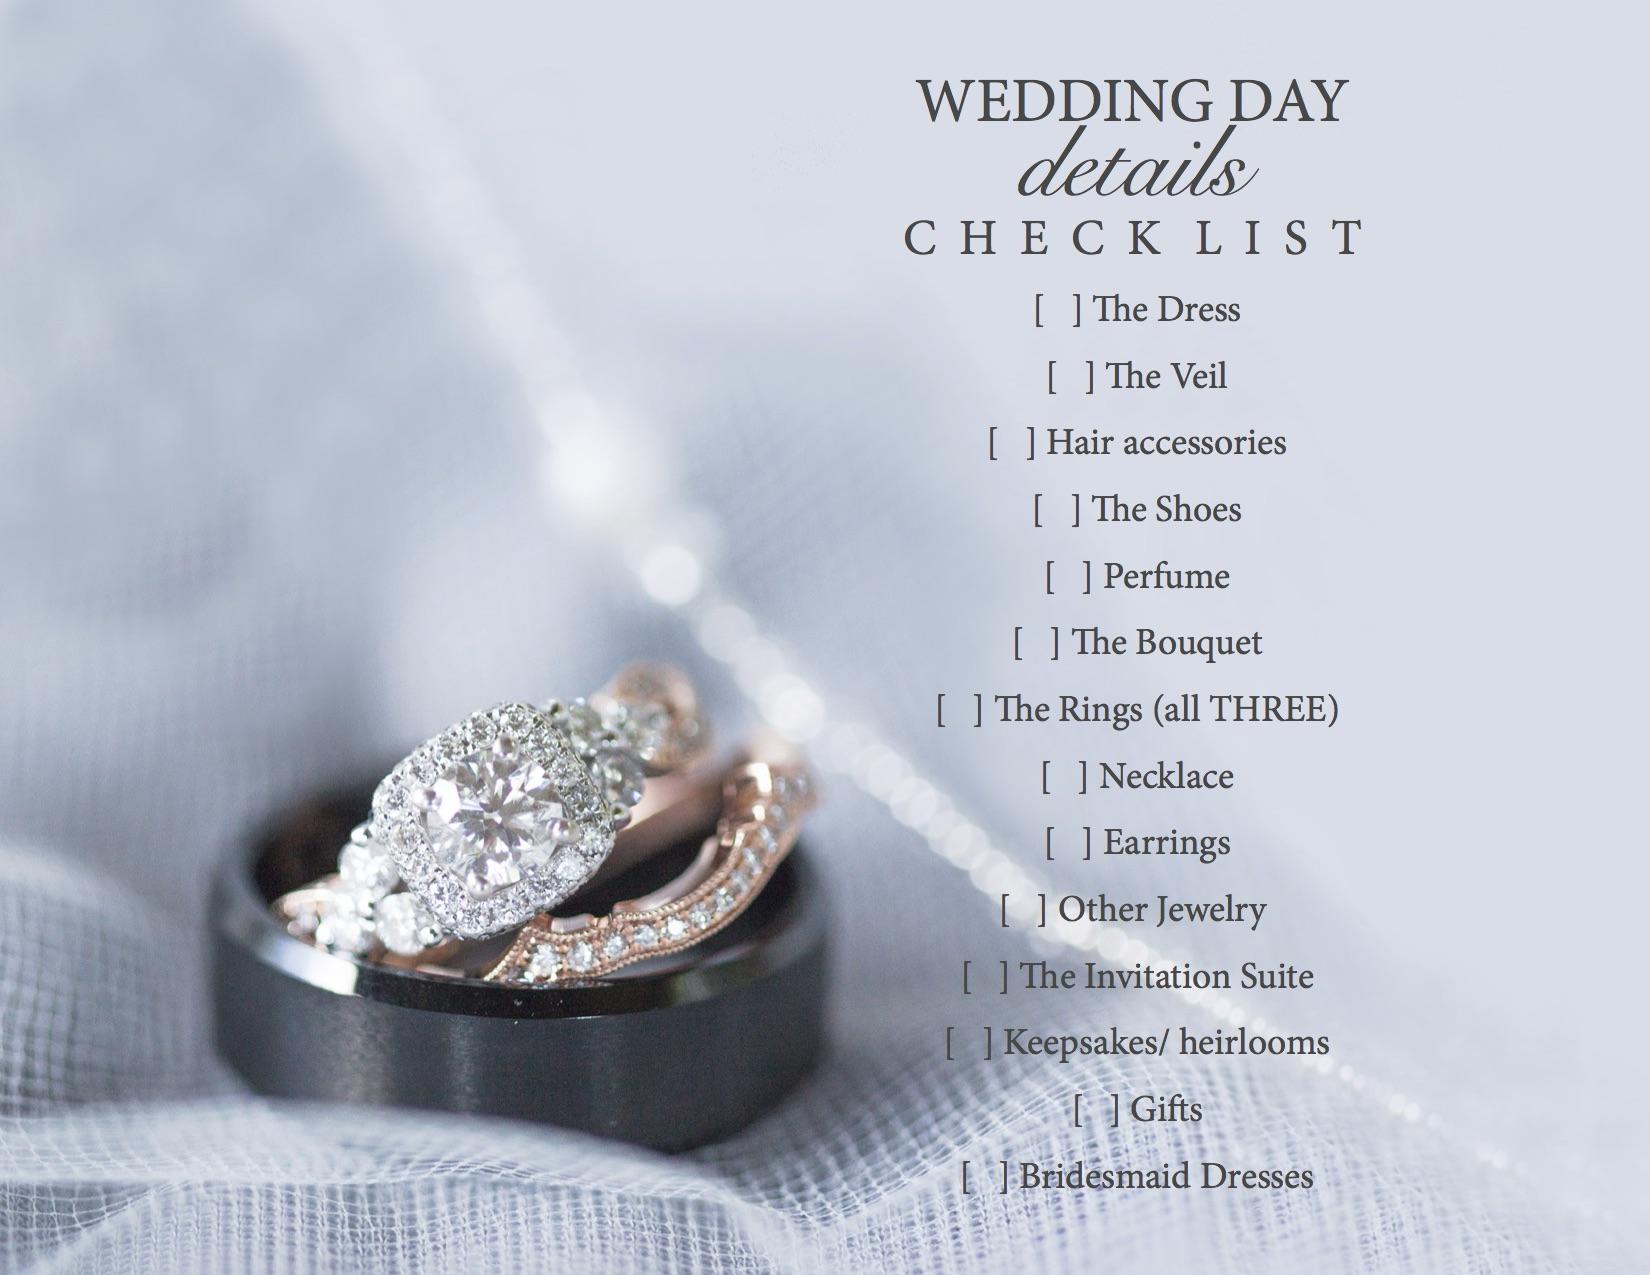 Wedding Day Details Checklist JPEG